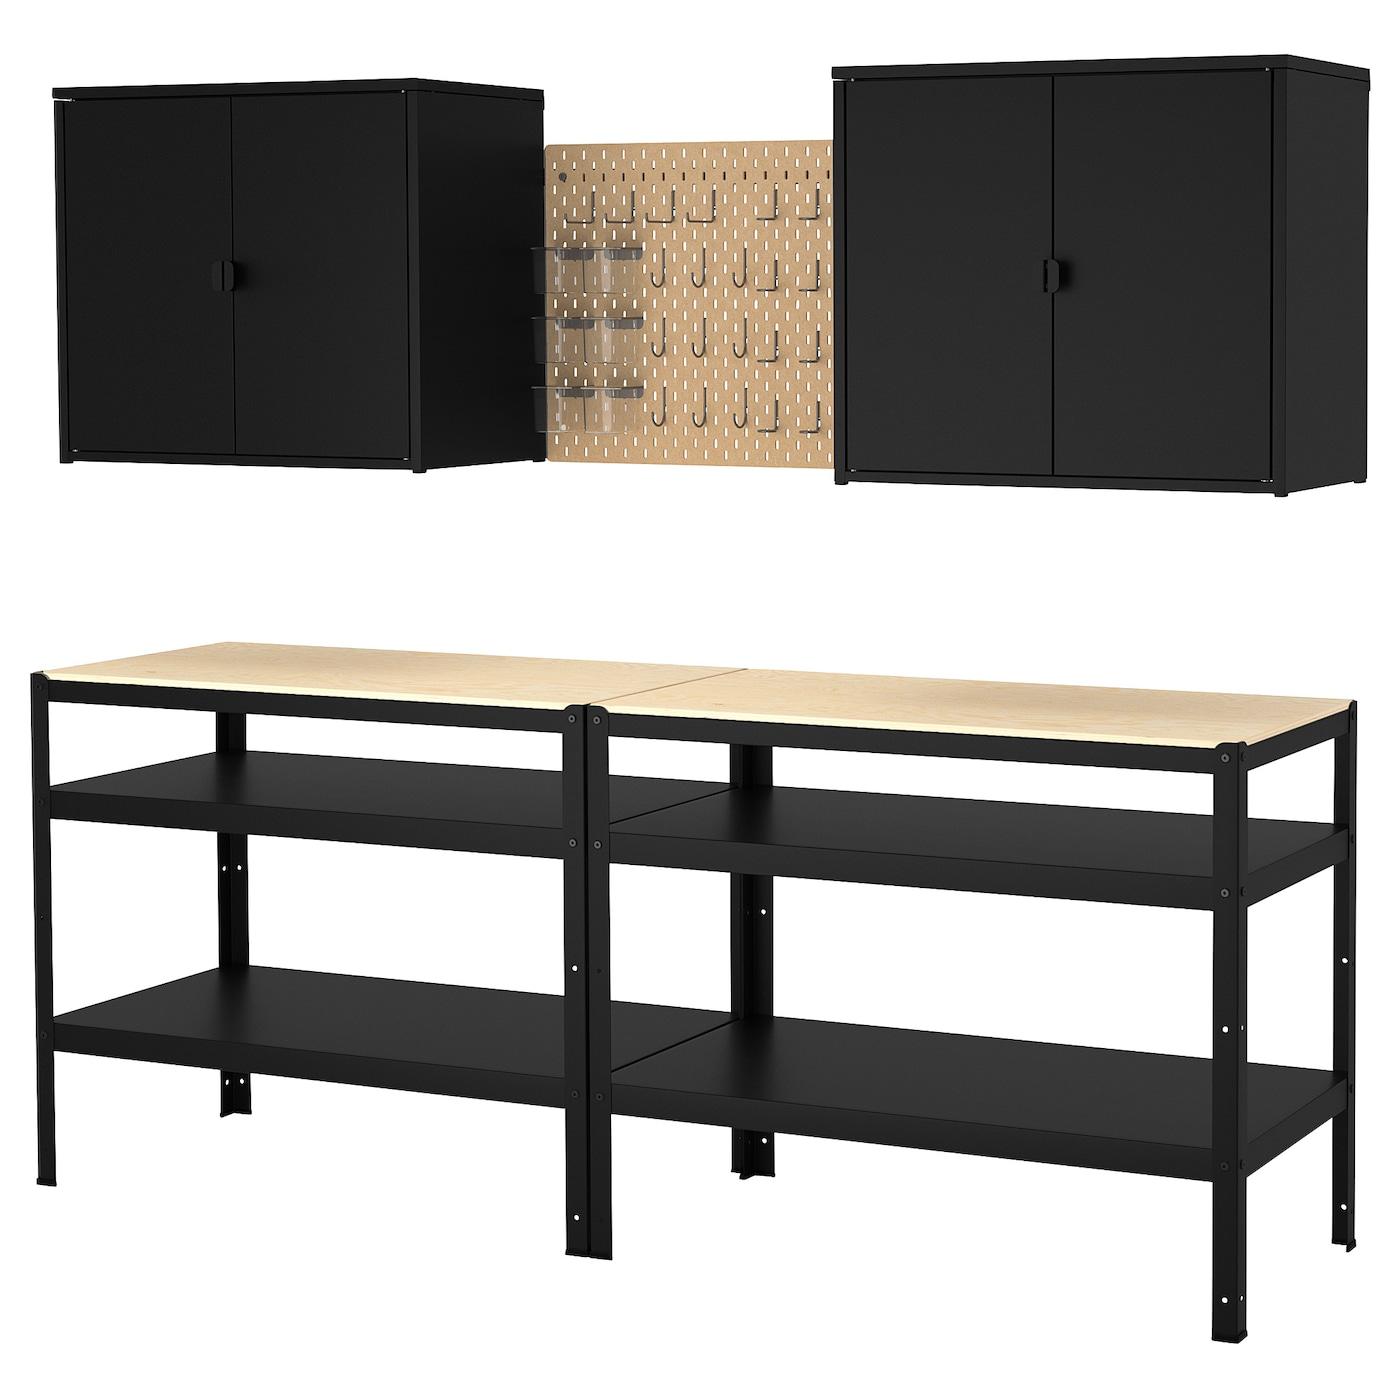 BROR Aufbew. mit Schrank/Werkbank - IKEA